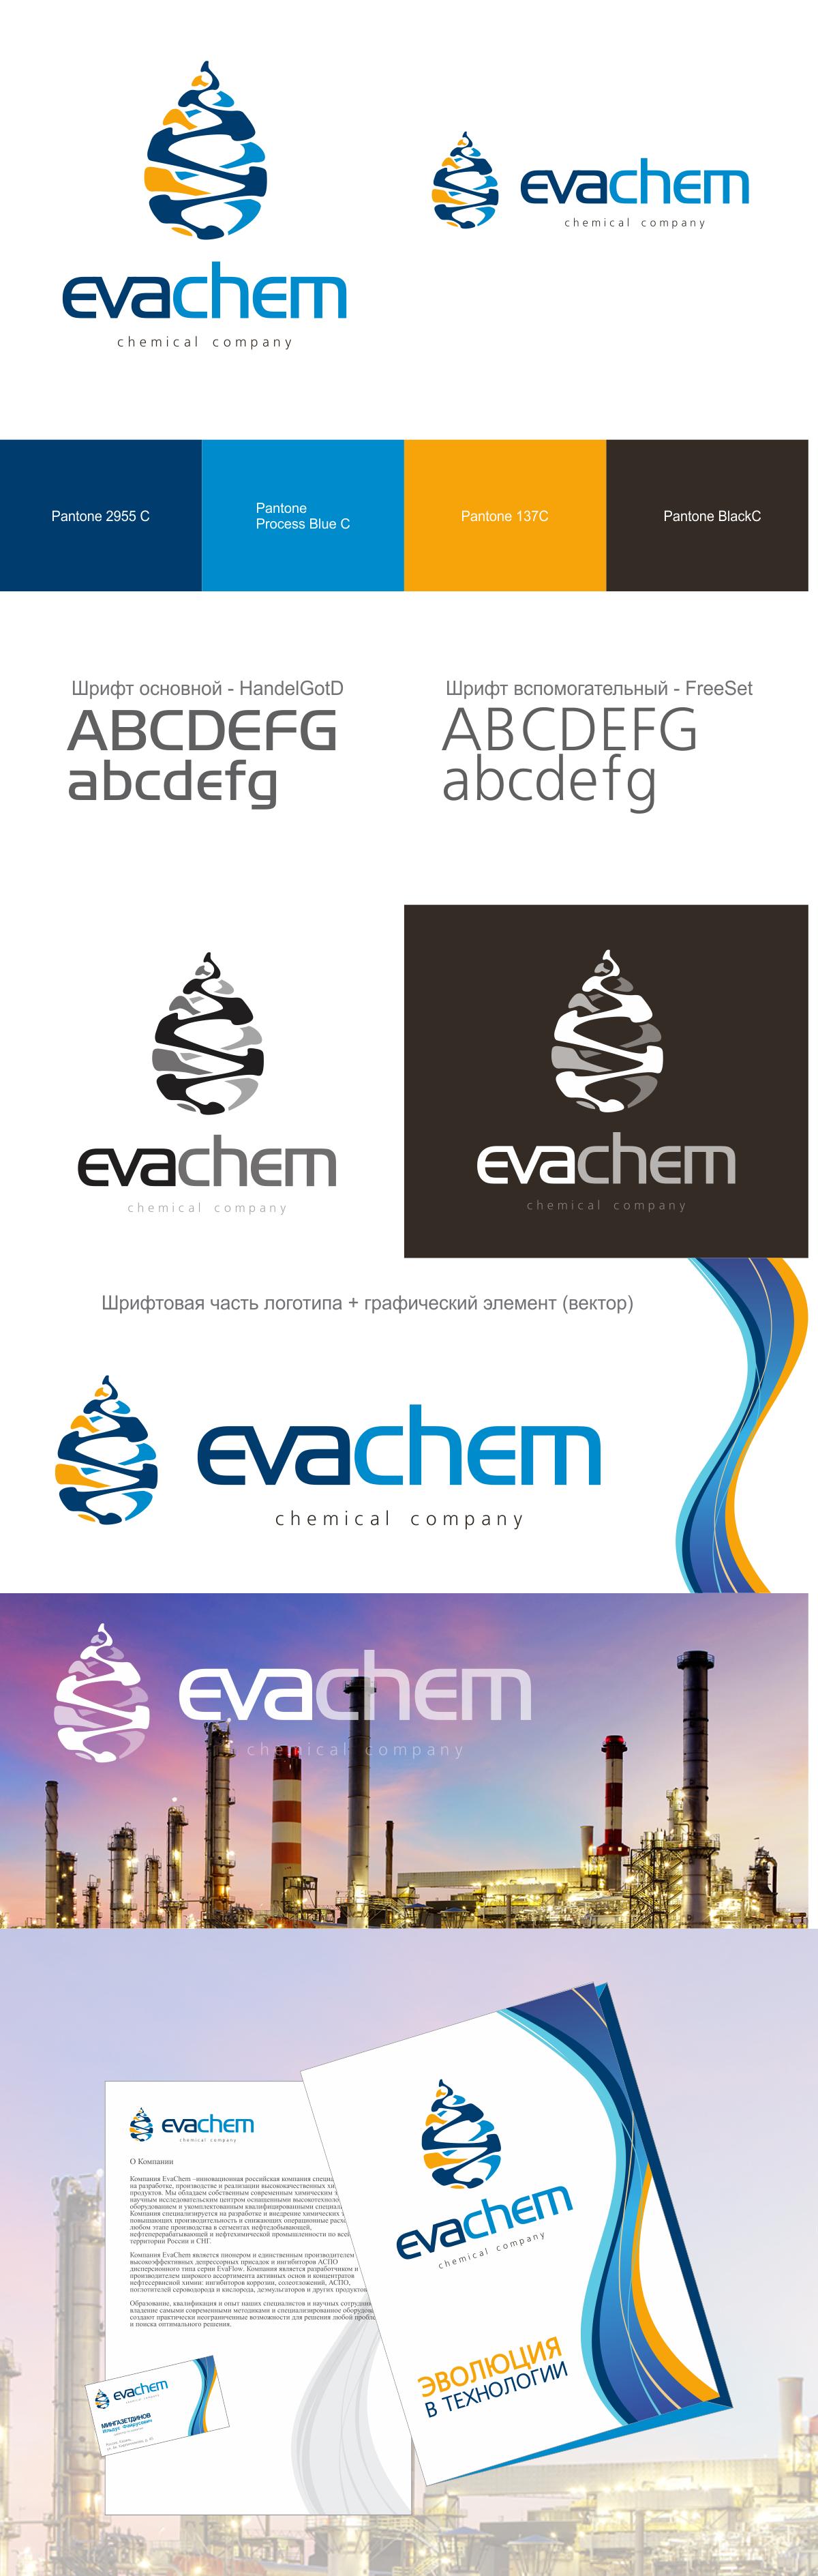 Разработка логотипа и фирменного стиля компании фото f_27357339919f3a5b.png